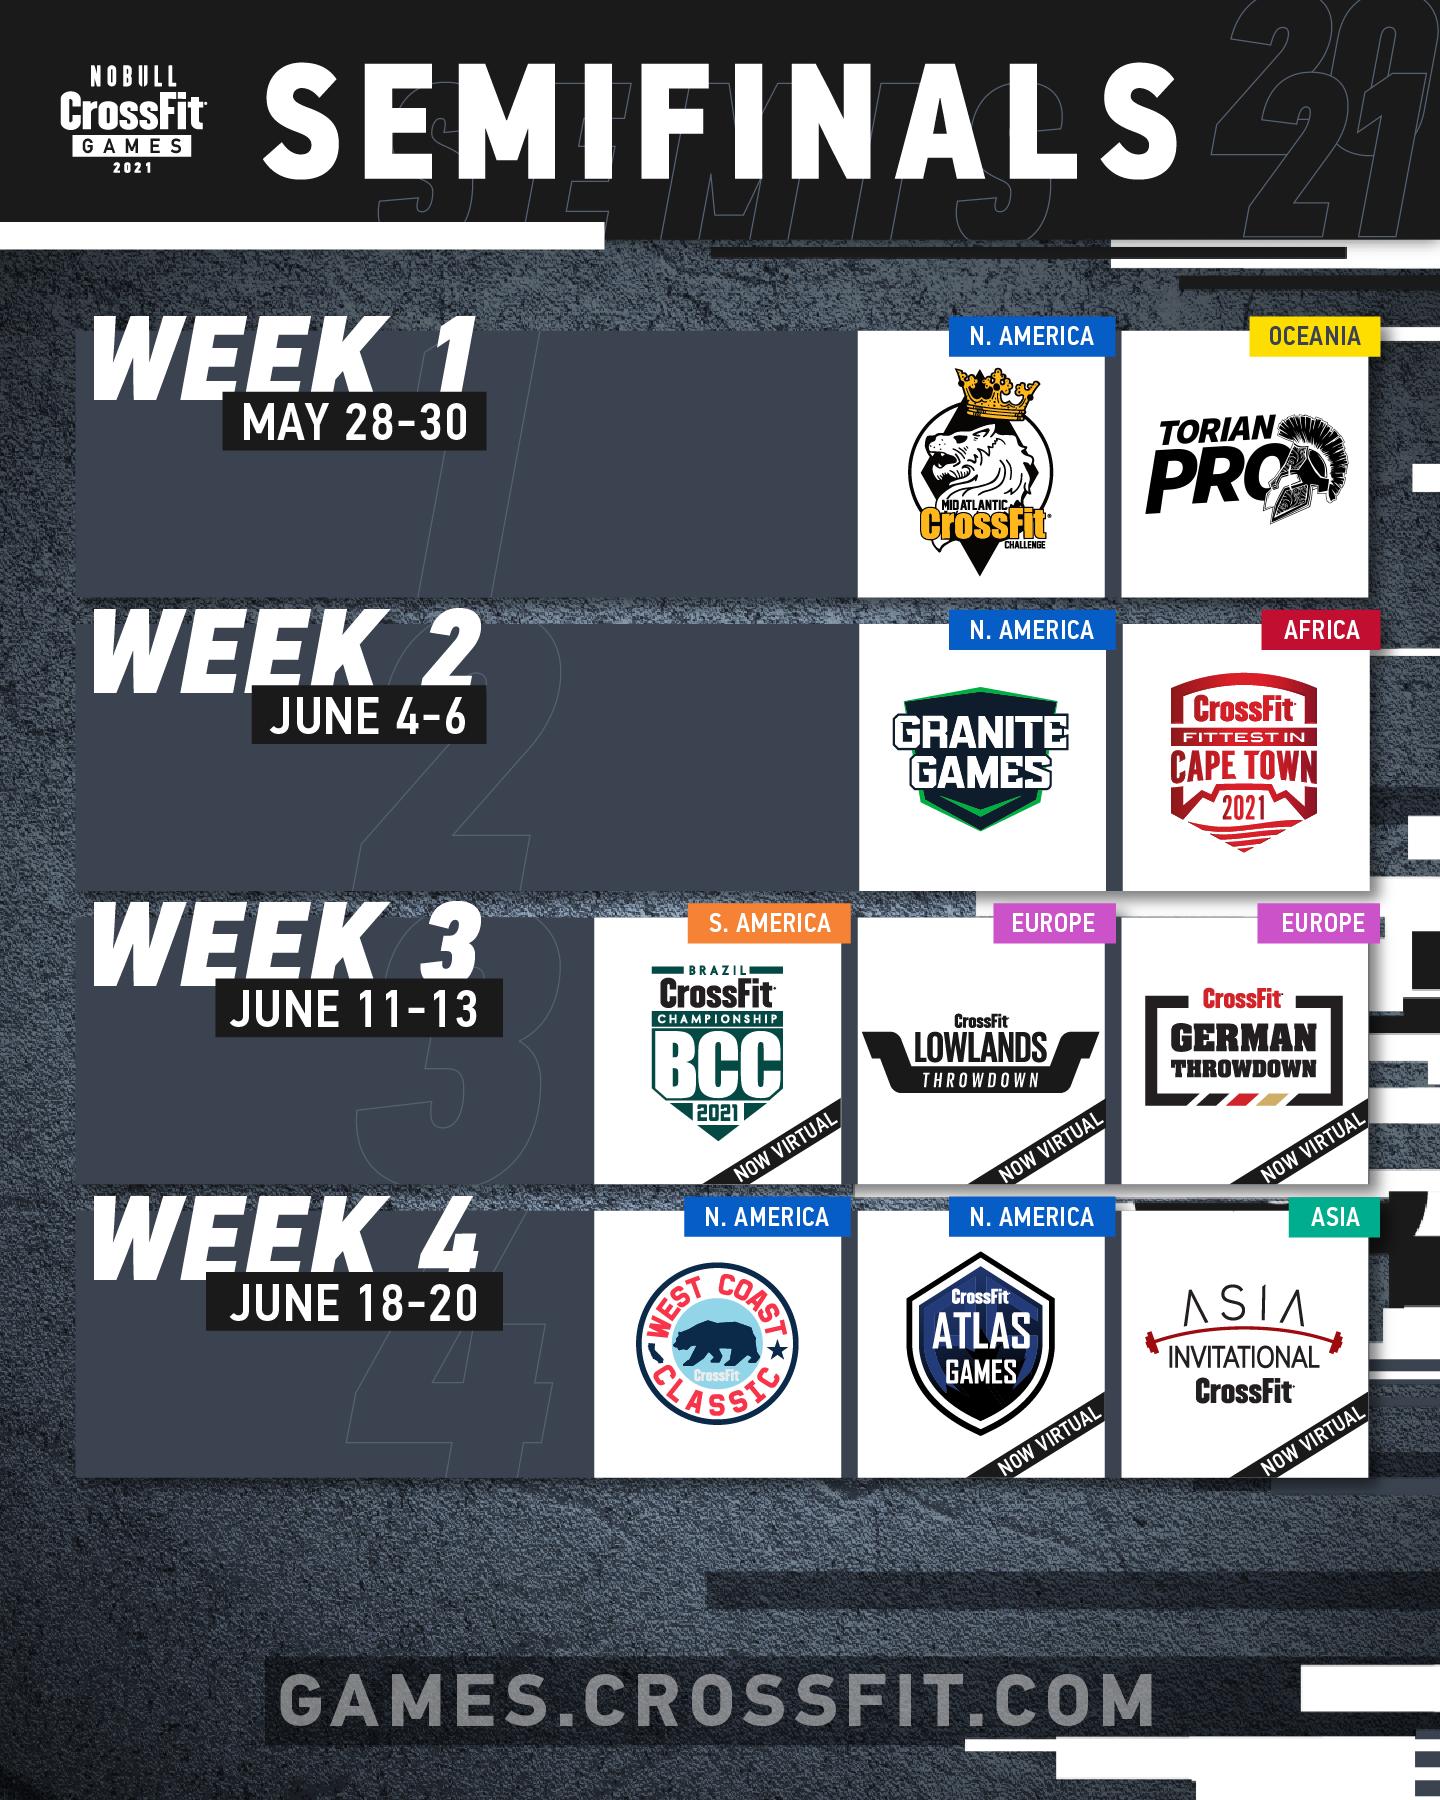 Semifinals Schedule